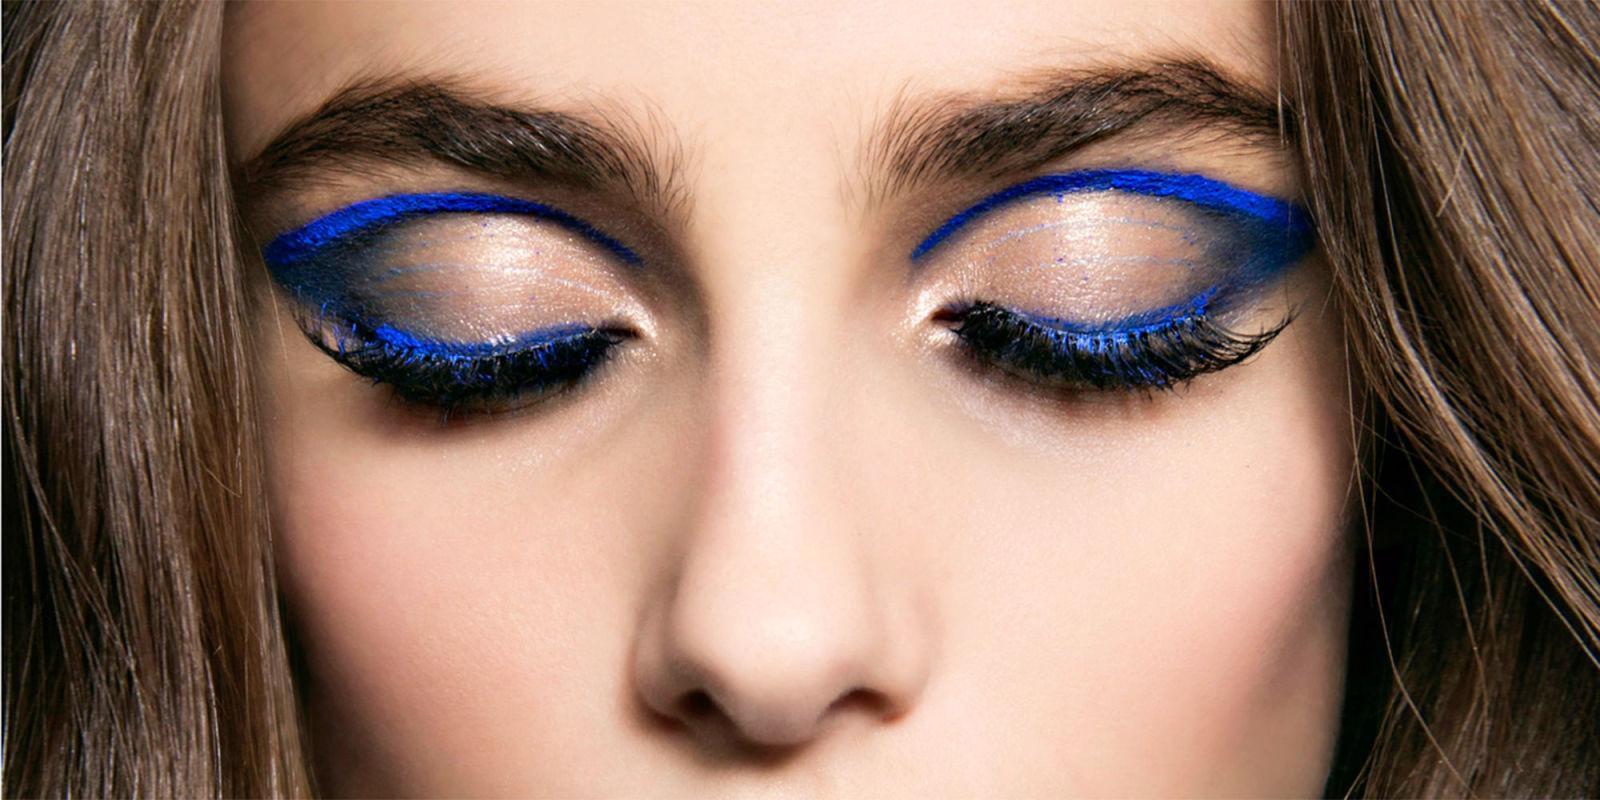 Вечерний макияж 2017 зеленые глаза модные тенденции фото